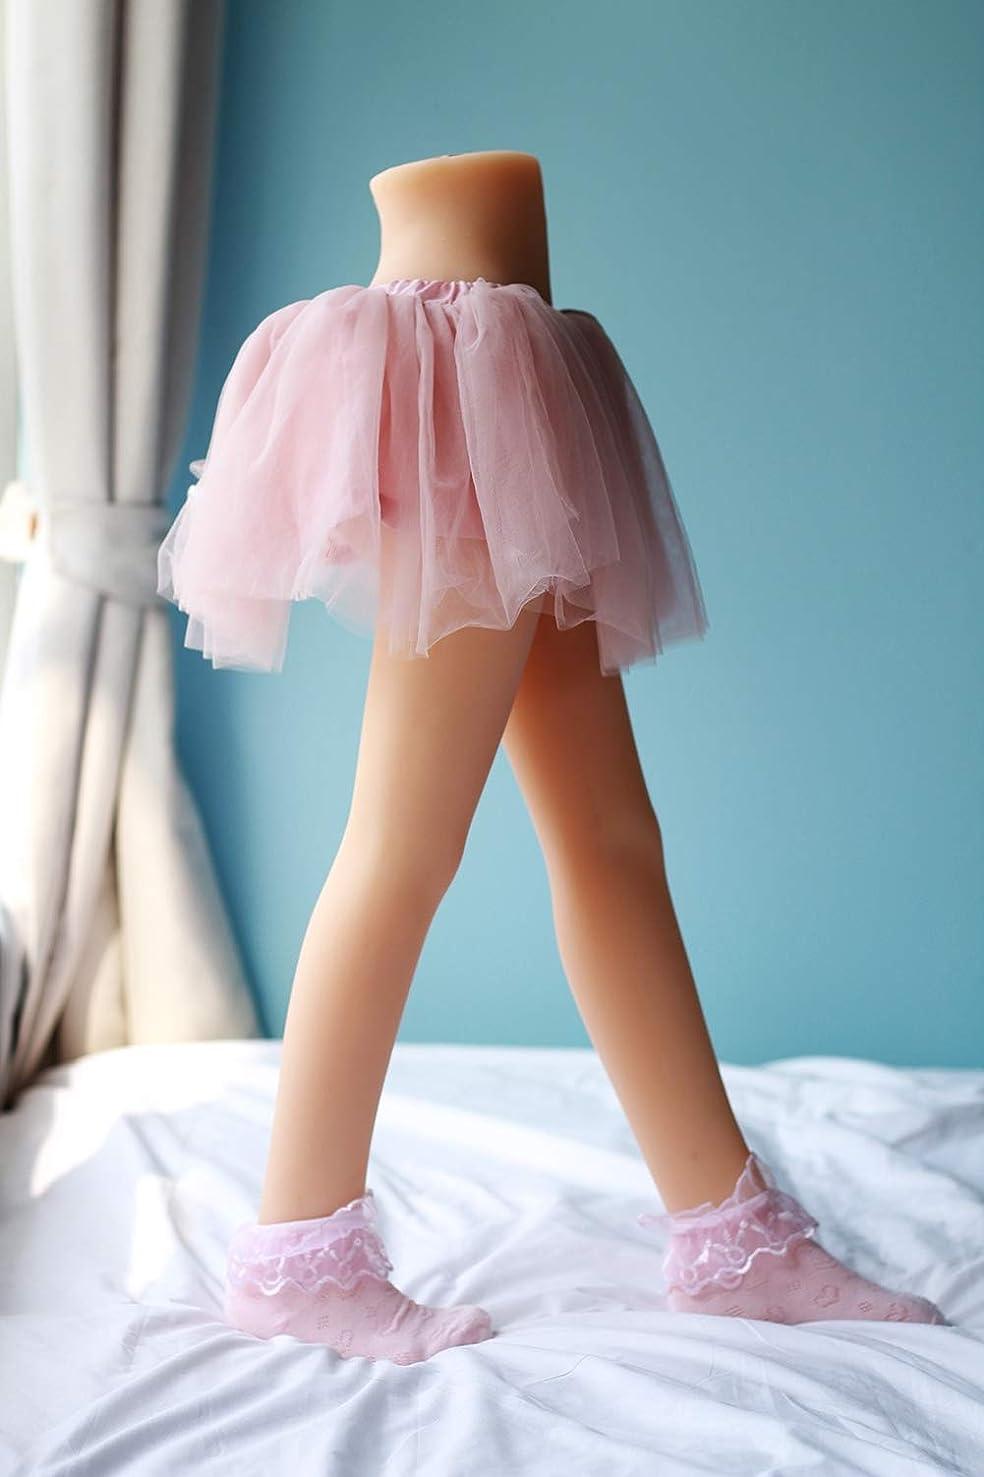 ファン代名詞マトン下半身セックス人形シリコーン脚モデル、メタルスケルトンリアルな膣とアナルマスターベーションドールグッズラブドール